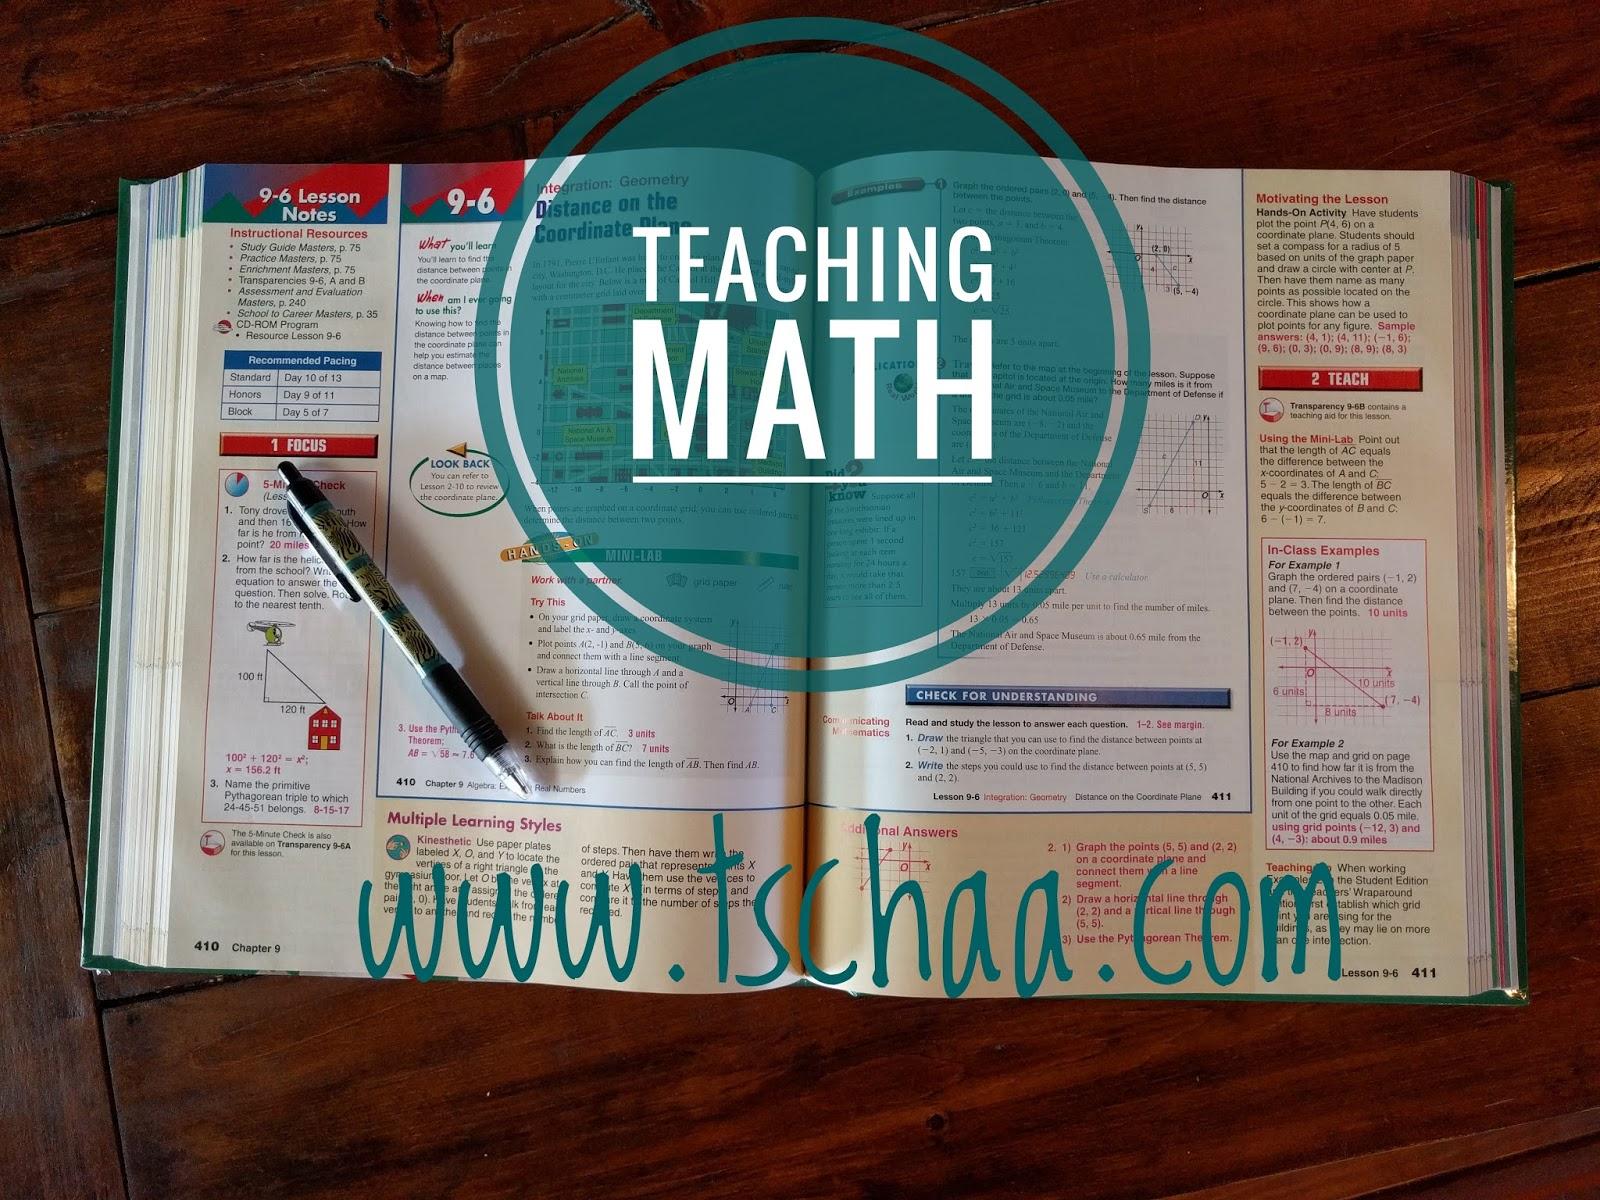 TSCHAA: Teaching Math